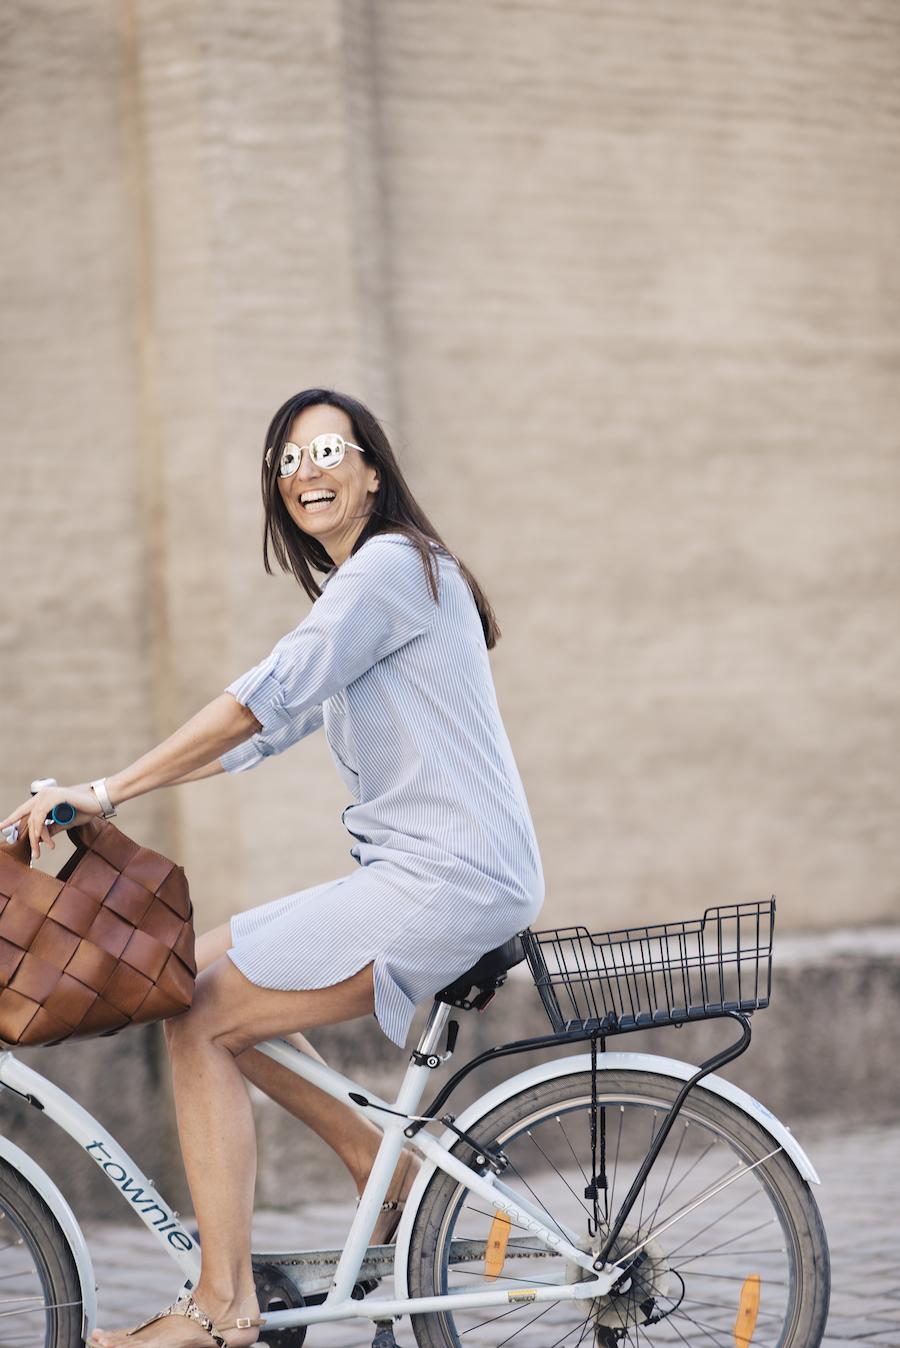 Hemdblusen-Kleid Olsen Fashion Beate Finken Bloggerin bei BeFifty Stylingtipps Sommer und Kleider Blog für Frauen über 40 und ab 50